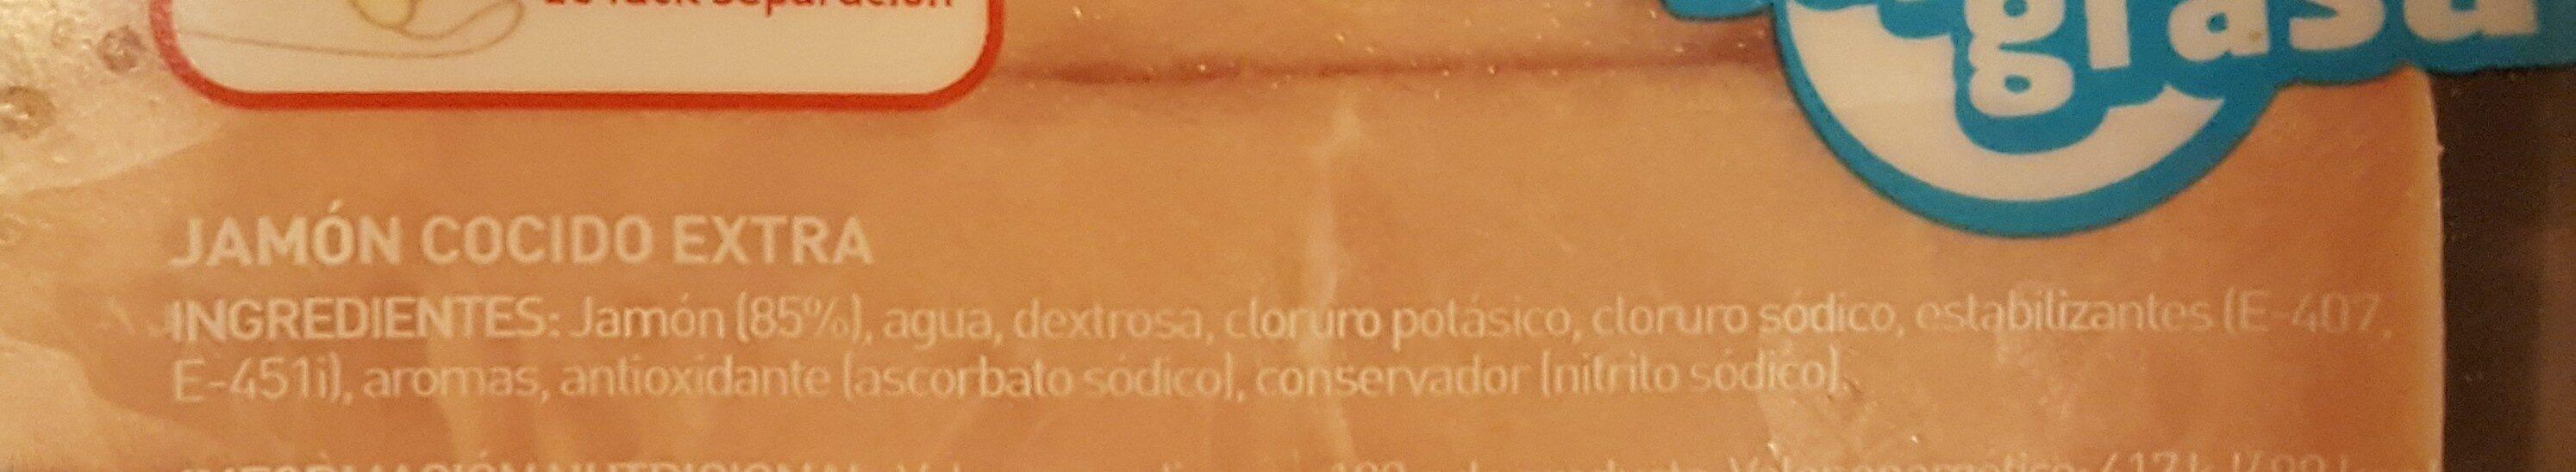 Jamón cocido finas lonchas bajo en sal - Ingredientes - es